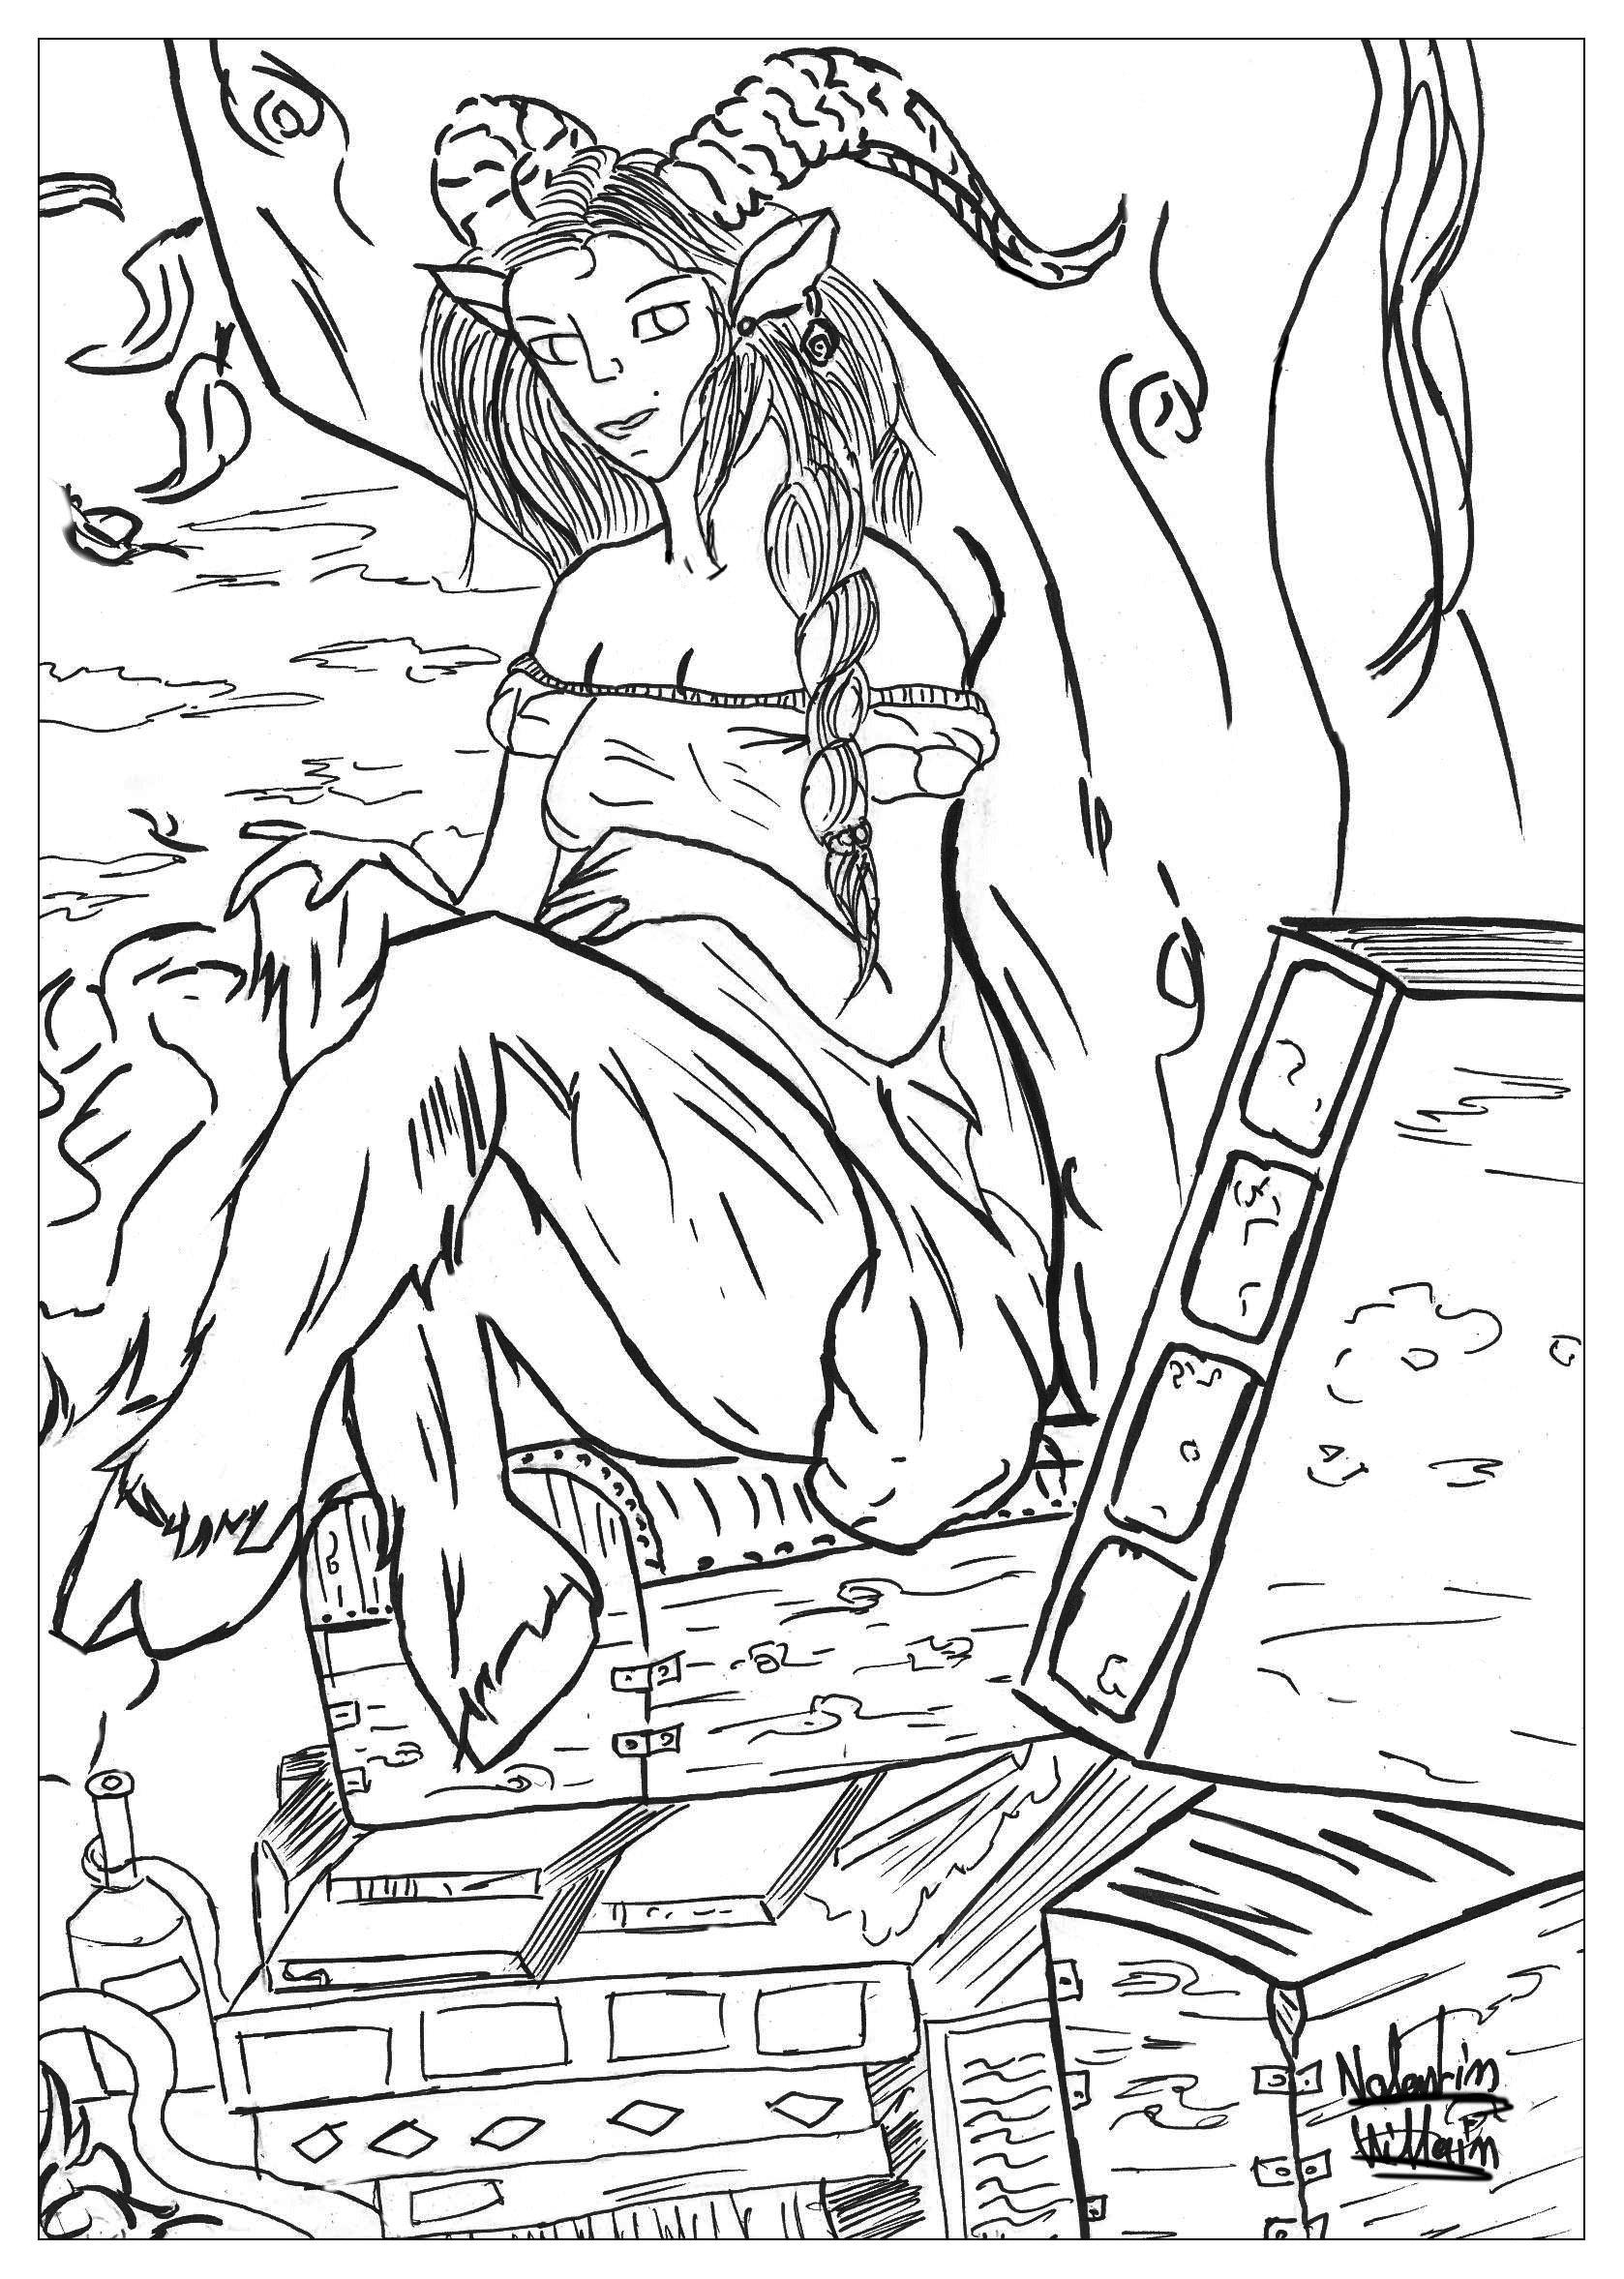 Un coloriage avec un Satyre, un personnage mythologique